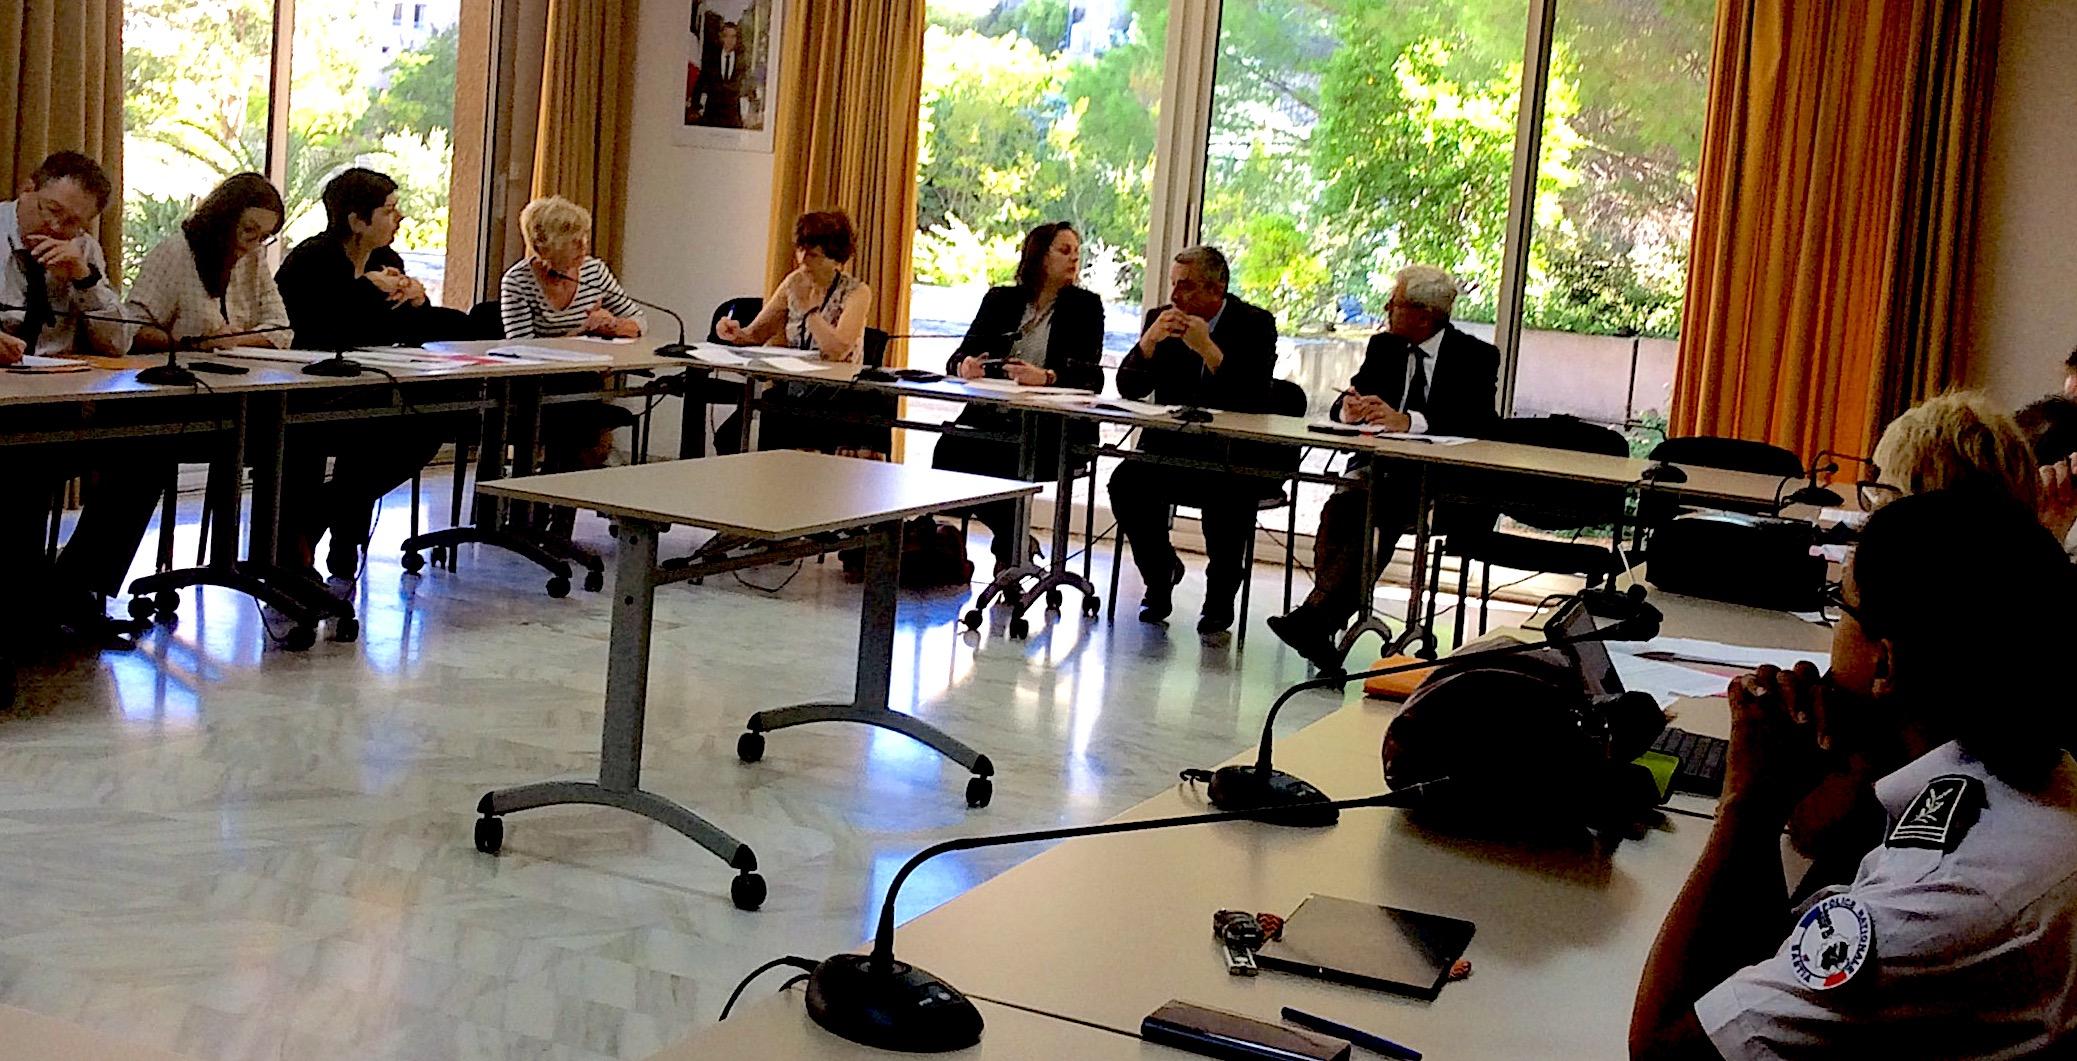 Bastia : Le comité local d'aide aux victimes opérationnel